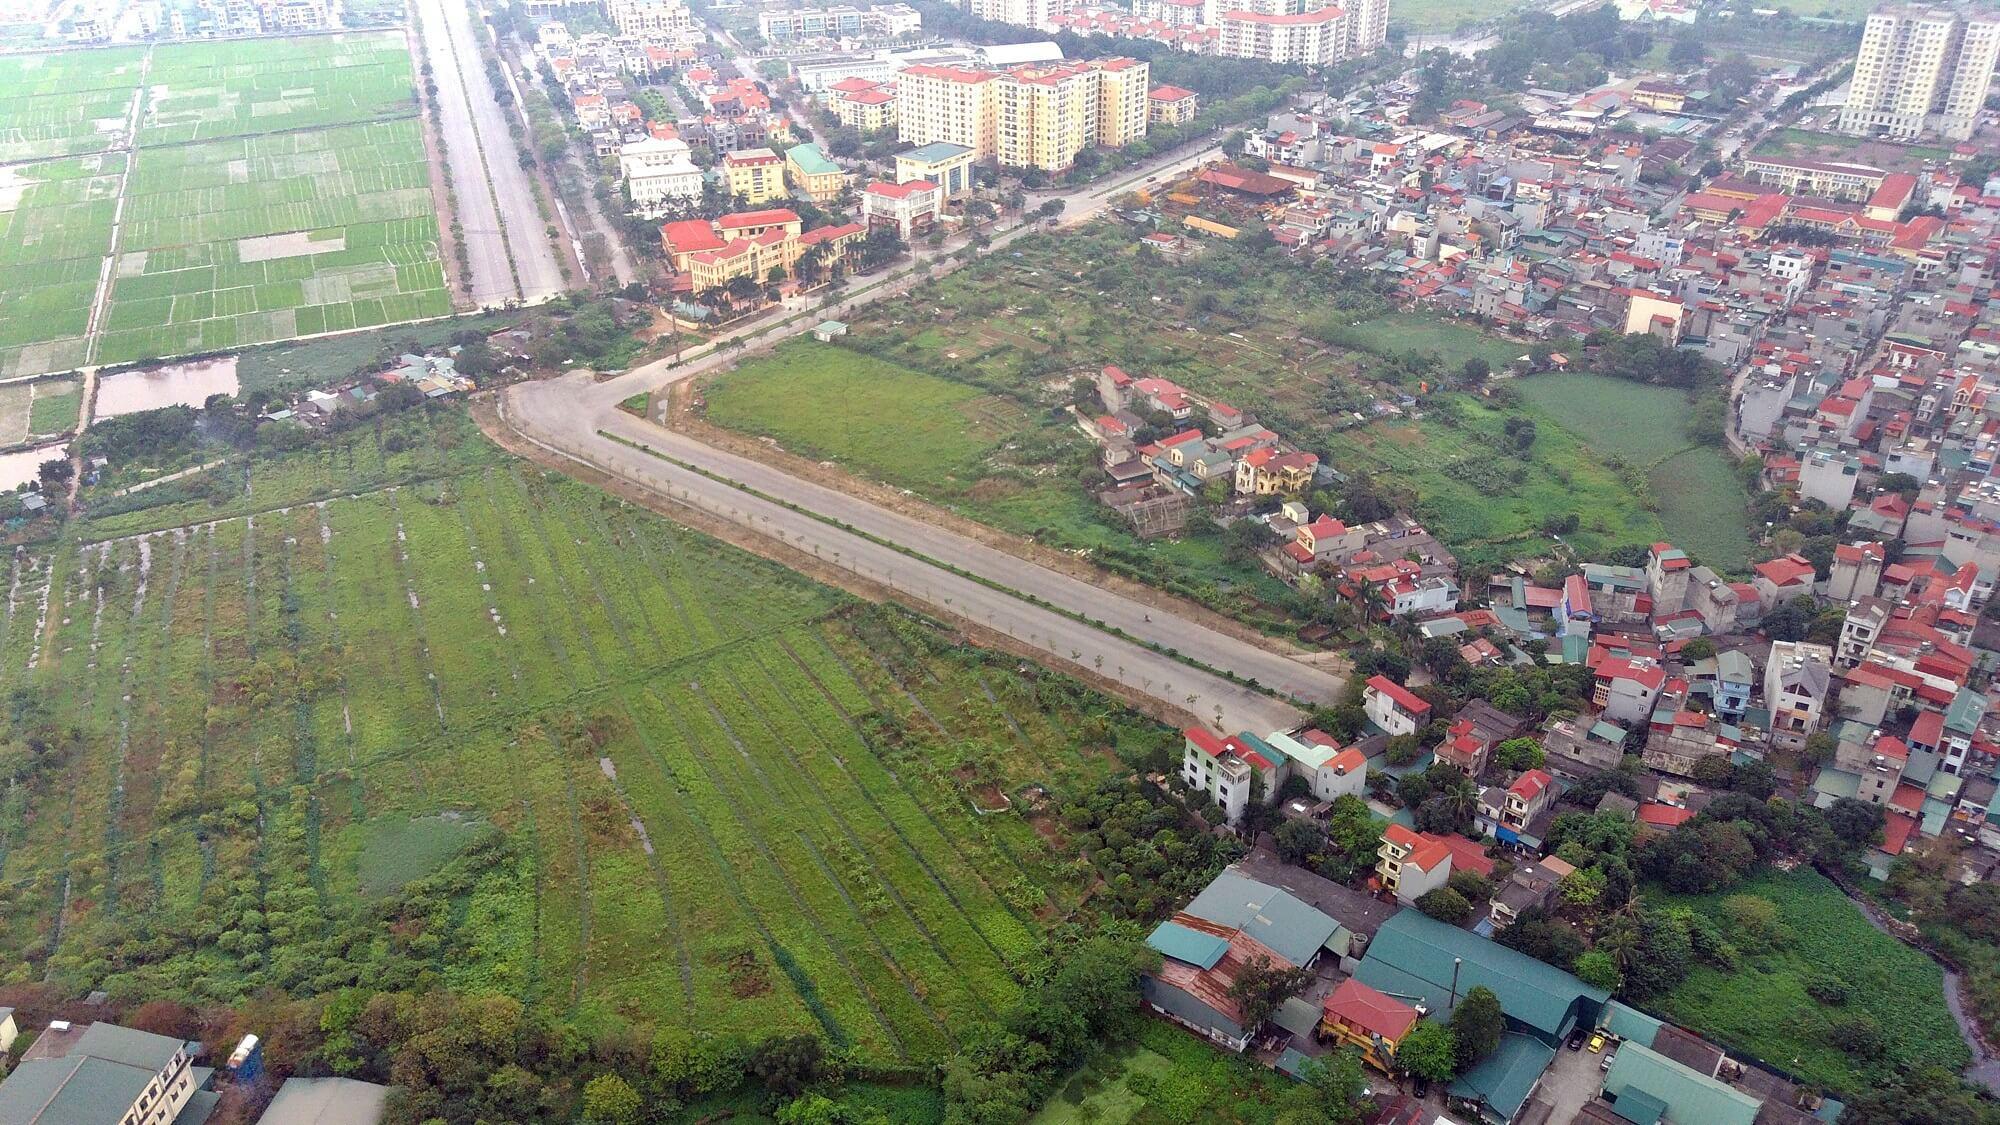 Không chỉ có cầu Đuống mới, sẽ có dự án cầu nối Gia Thượng với đường quốc lộ 3 để hoàn chỉnh nút giao thông này, tạo điều kiện cho cư dân Việt Hưng, Vinhomes Riverside đi đến nút giao thông qua đường Mai Chí Thọ, Vạn Hạnh.